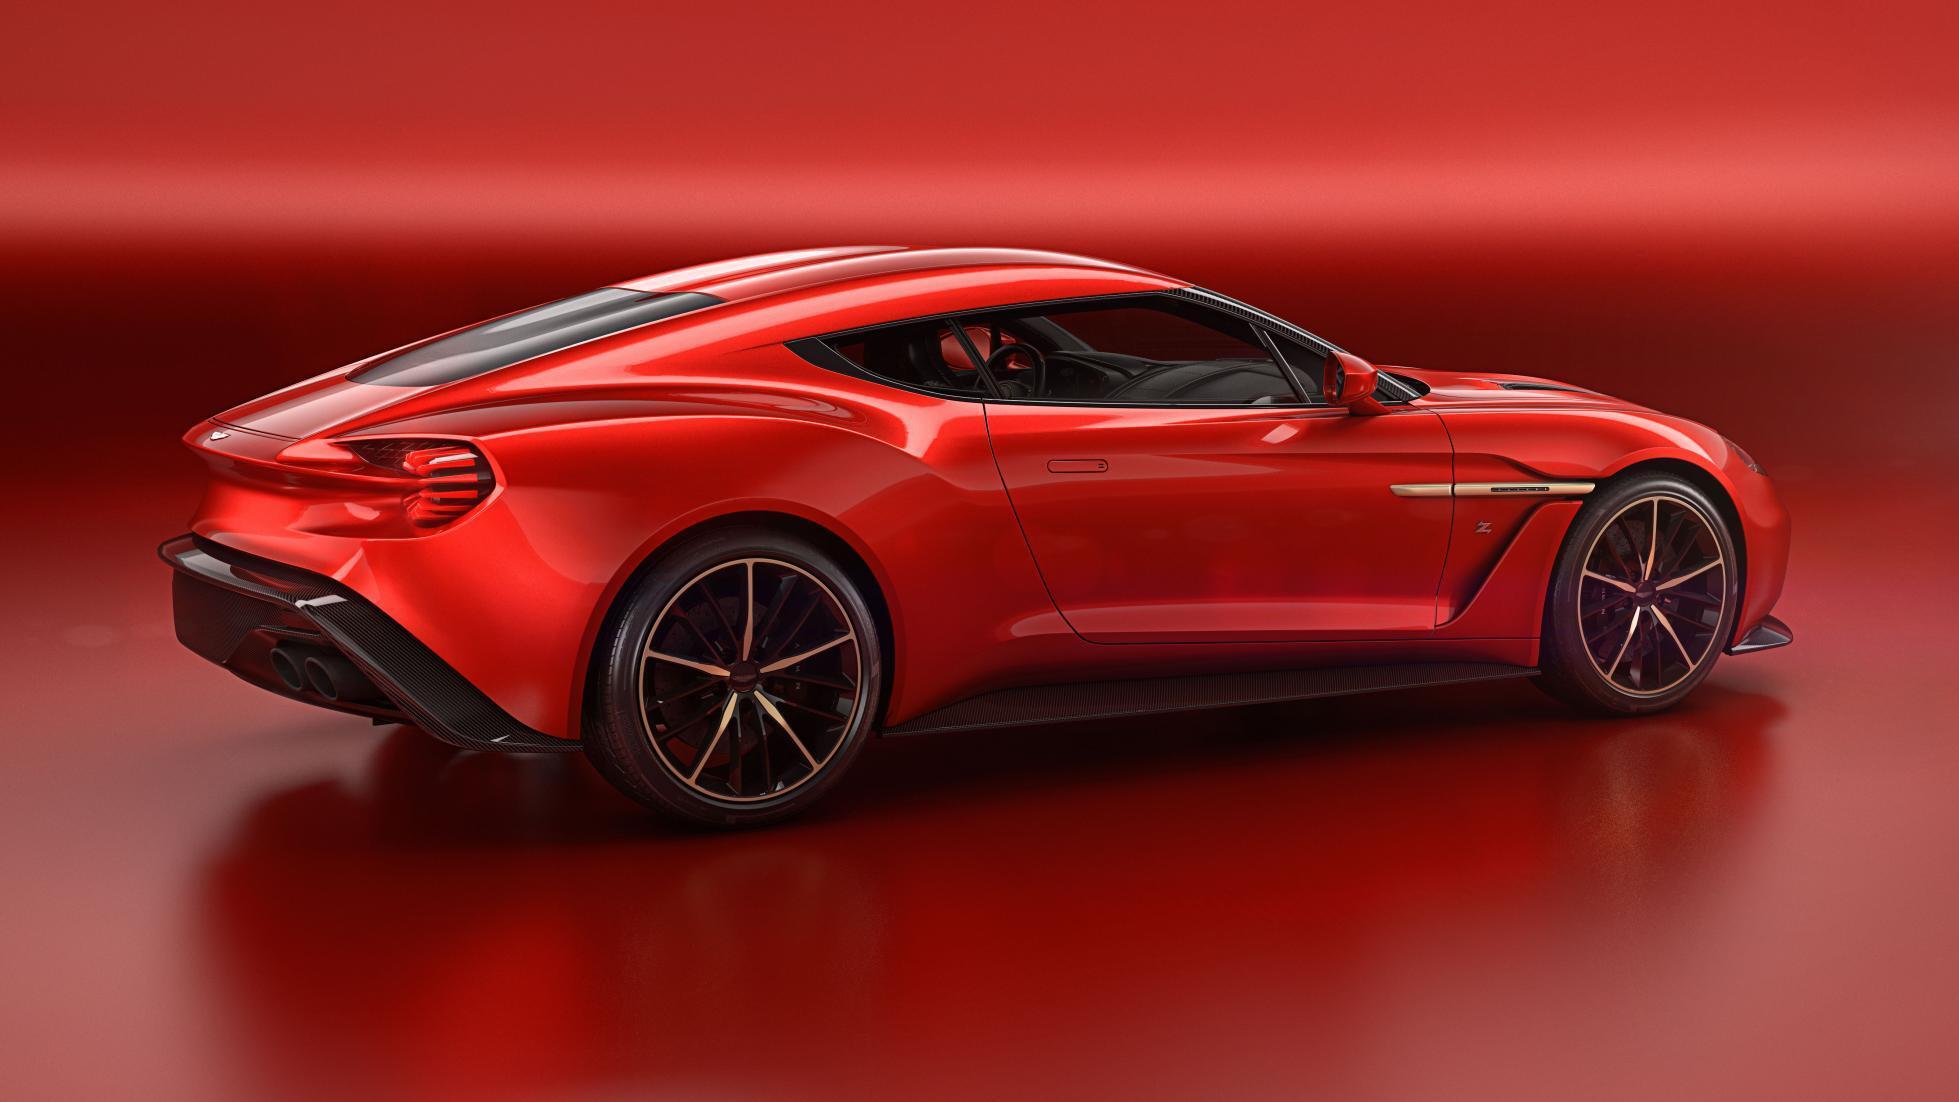 Gallery: Aston Martin Vanquish Zagato concept